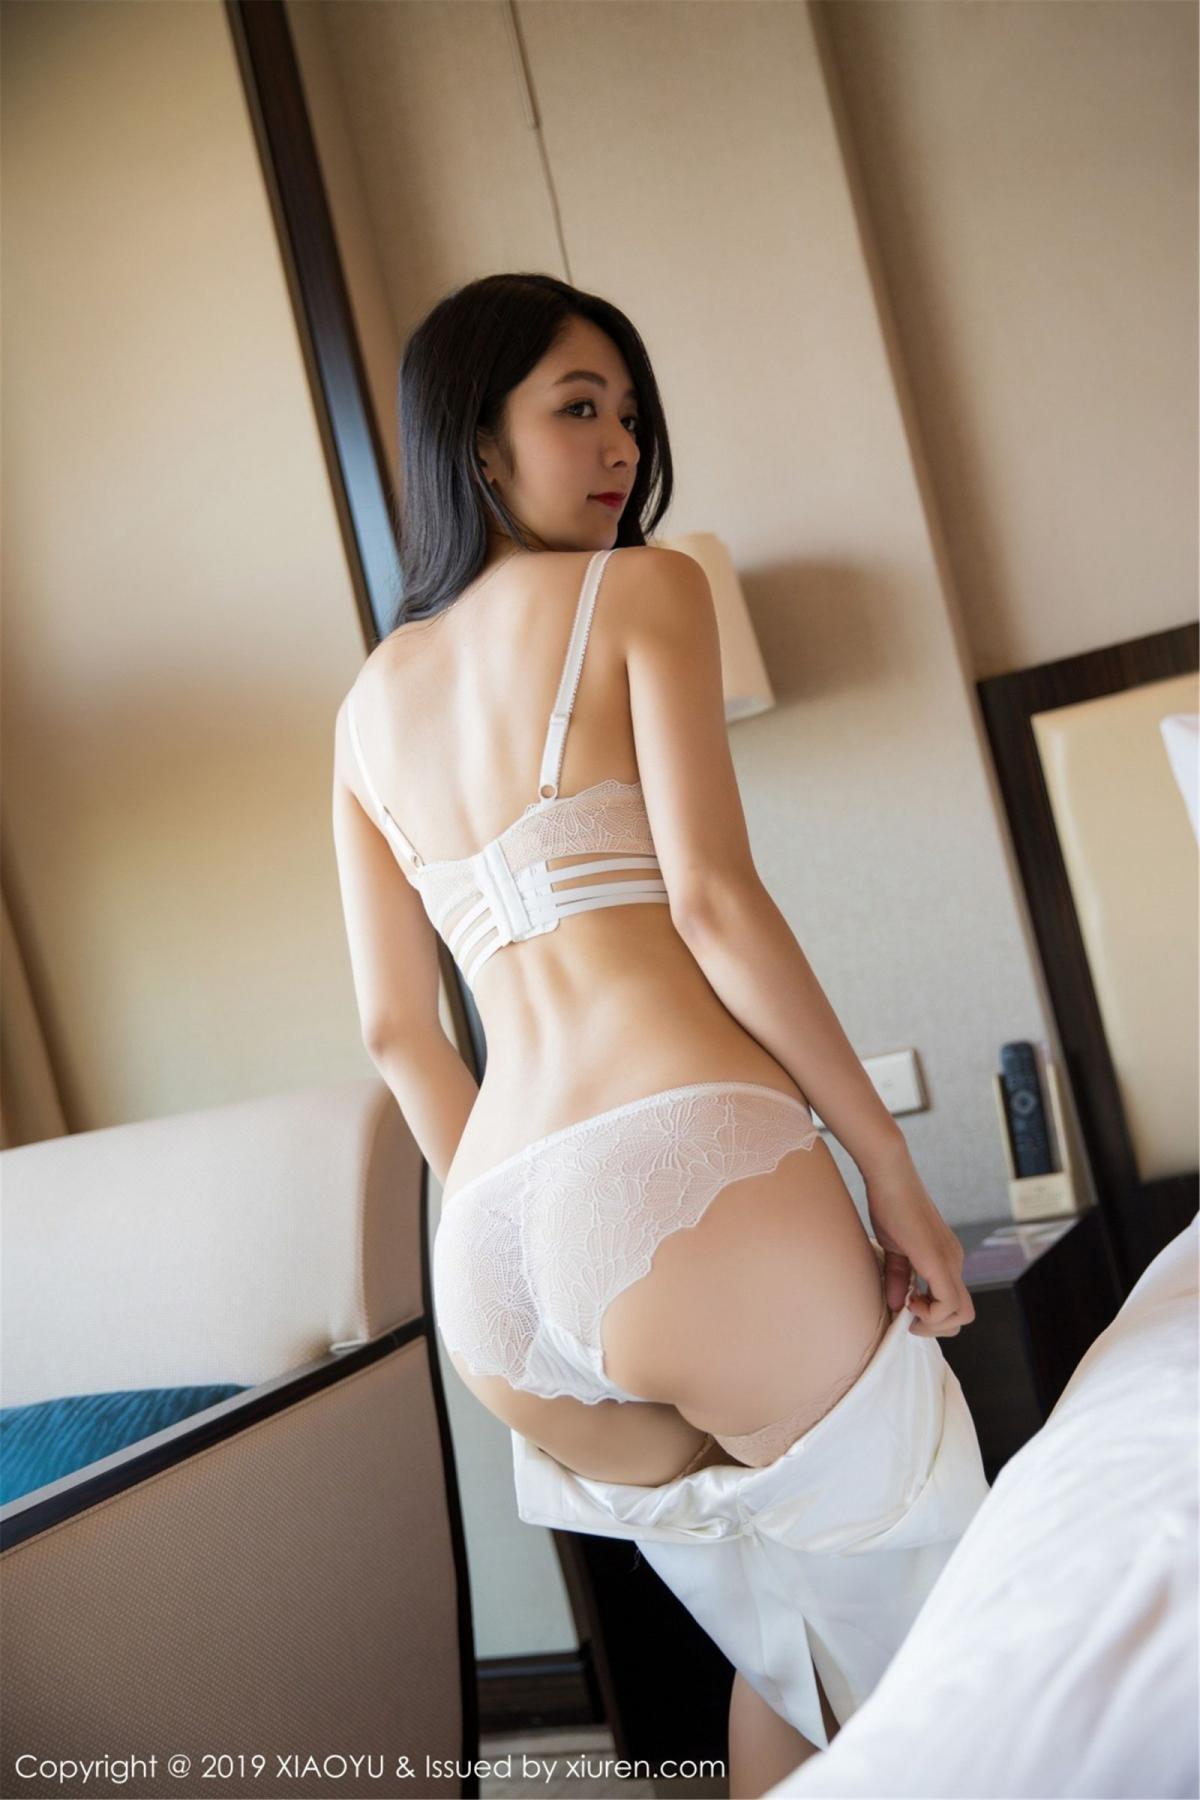 [XiaoYu] Vol.052 desertrmb 14P, Di Yi, Foot, Underwear, XiaoYu